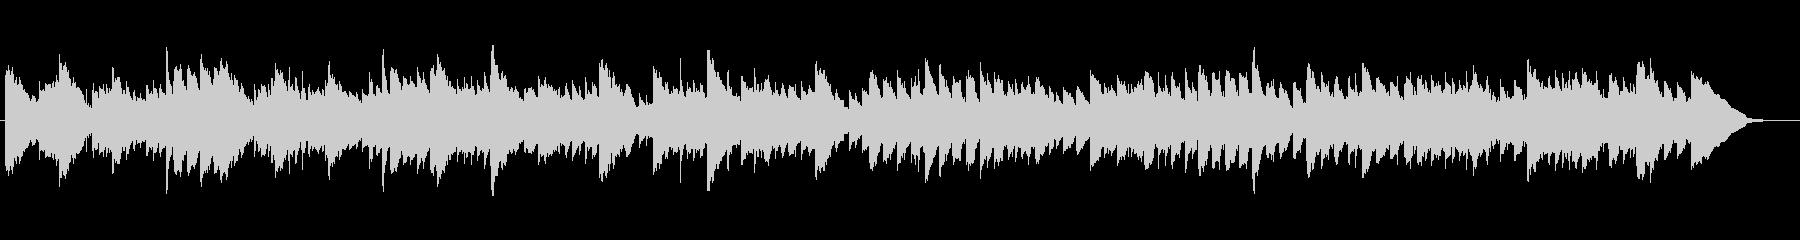 キラキラ光るイルミネーションのBGMの未再生の波形